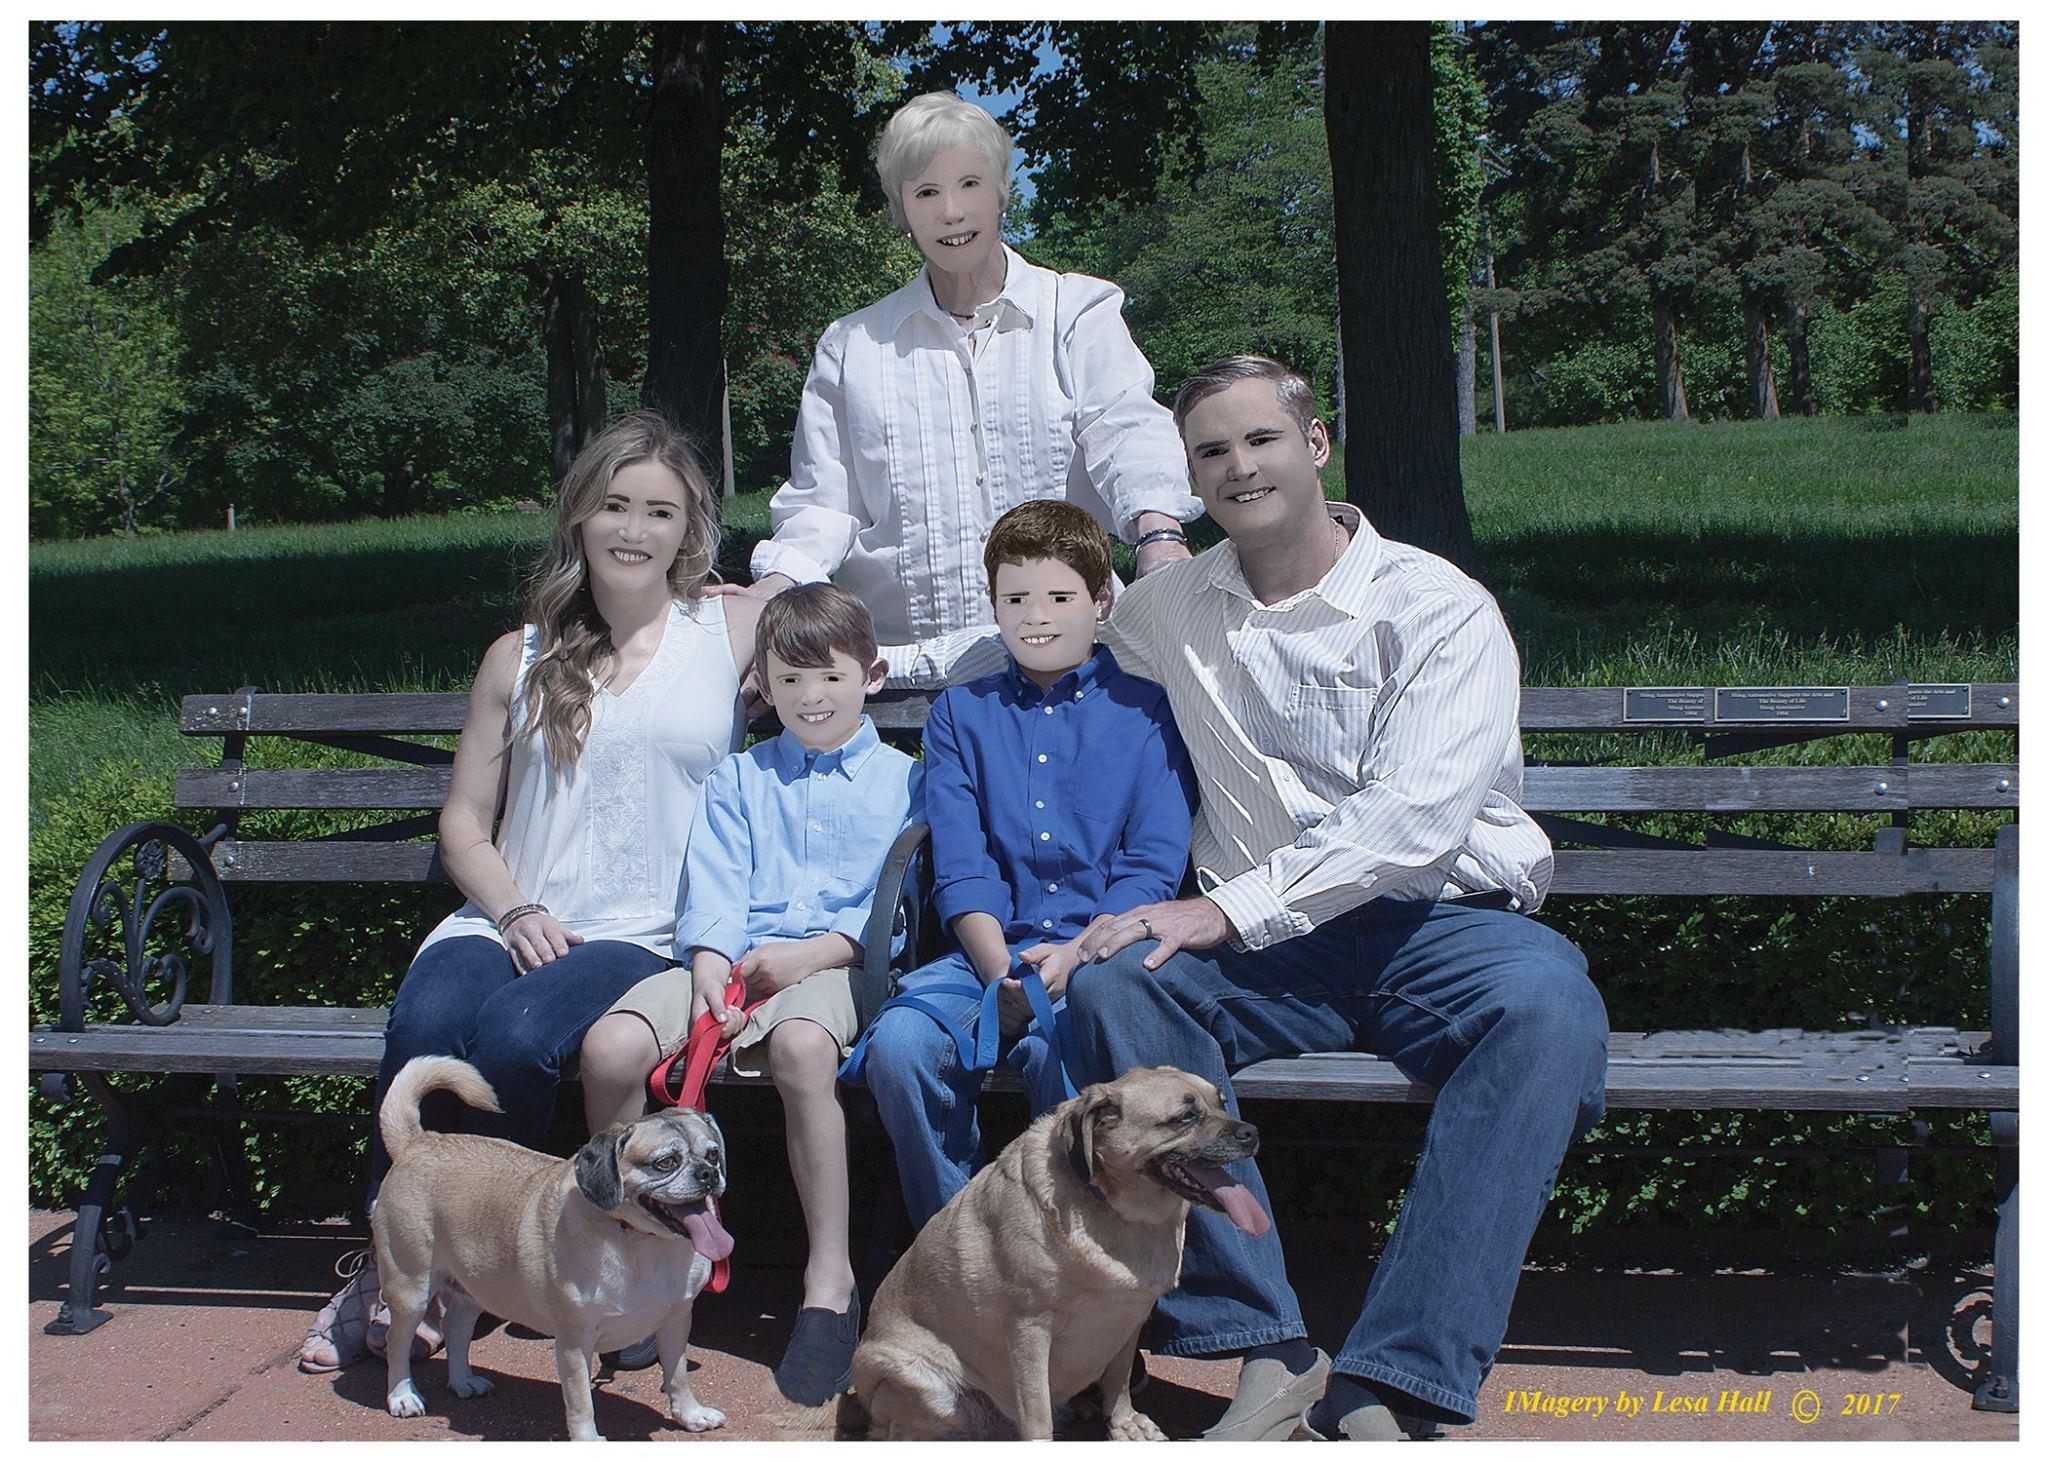 E o prêmio de pior edição de imagem vai para as fotos desta família